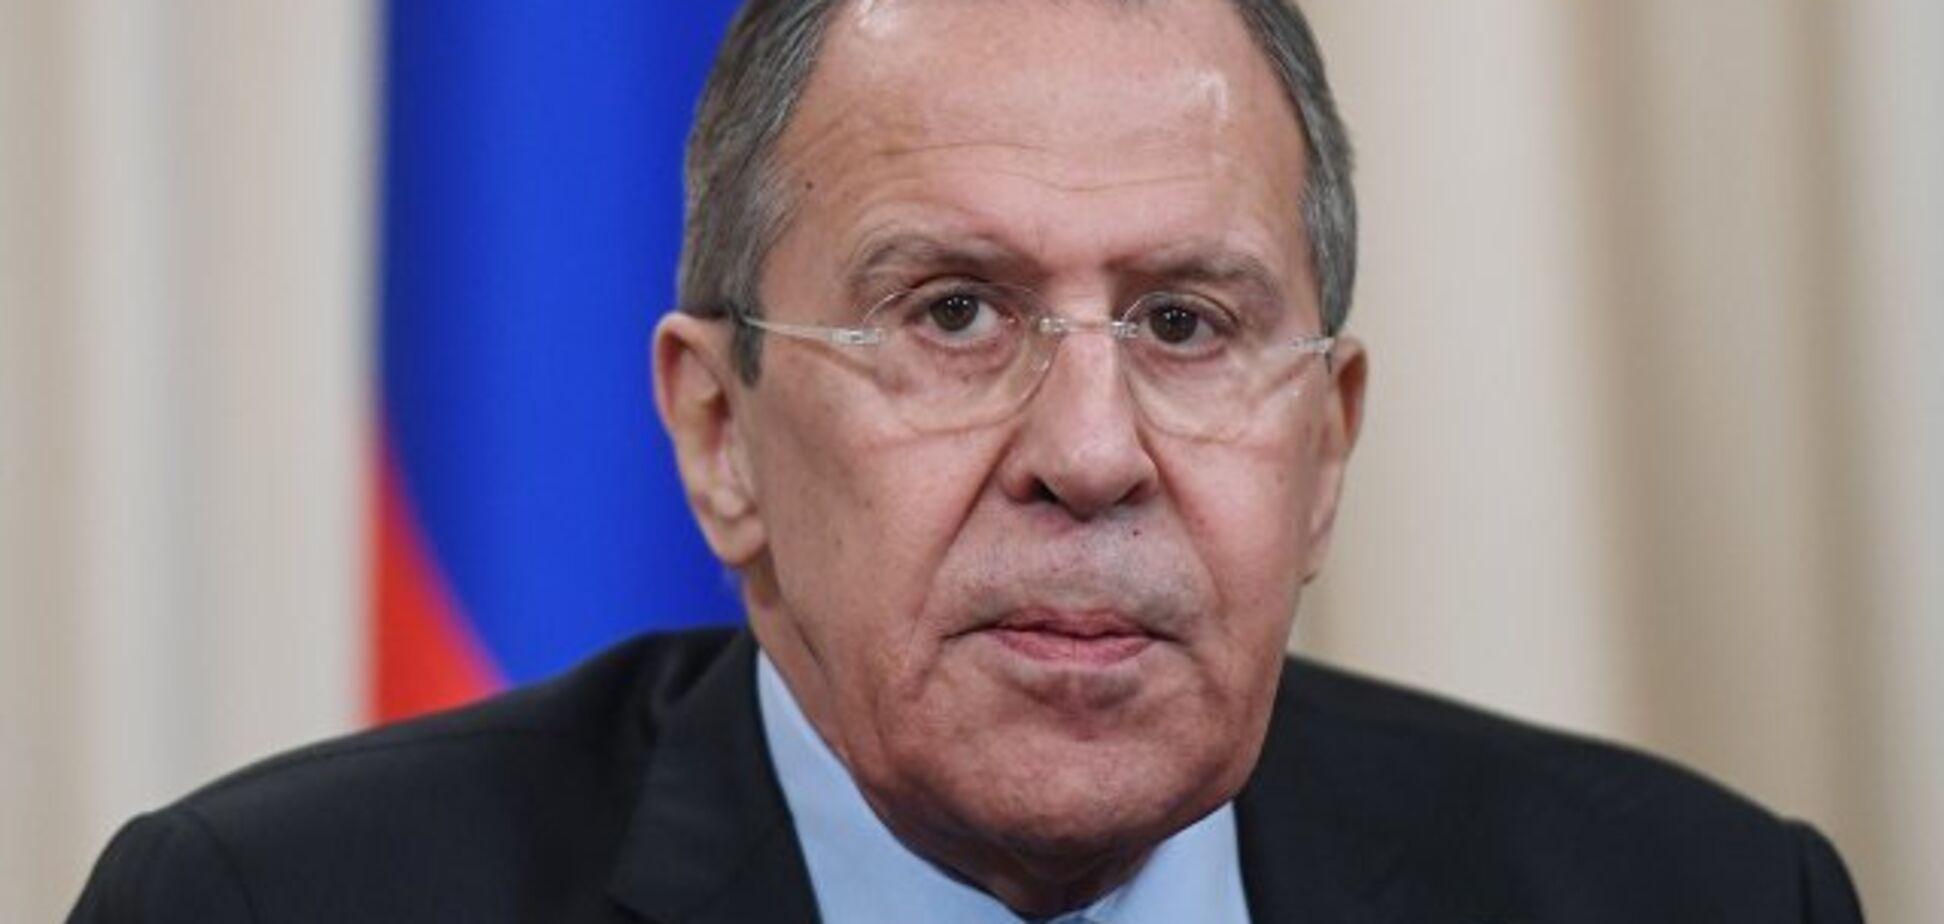 ''Это неслучайно'': в словах Лаврова о ''нацистской'' Украине увидели предпосылки к войне